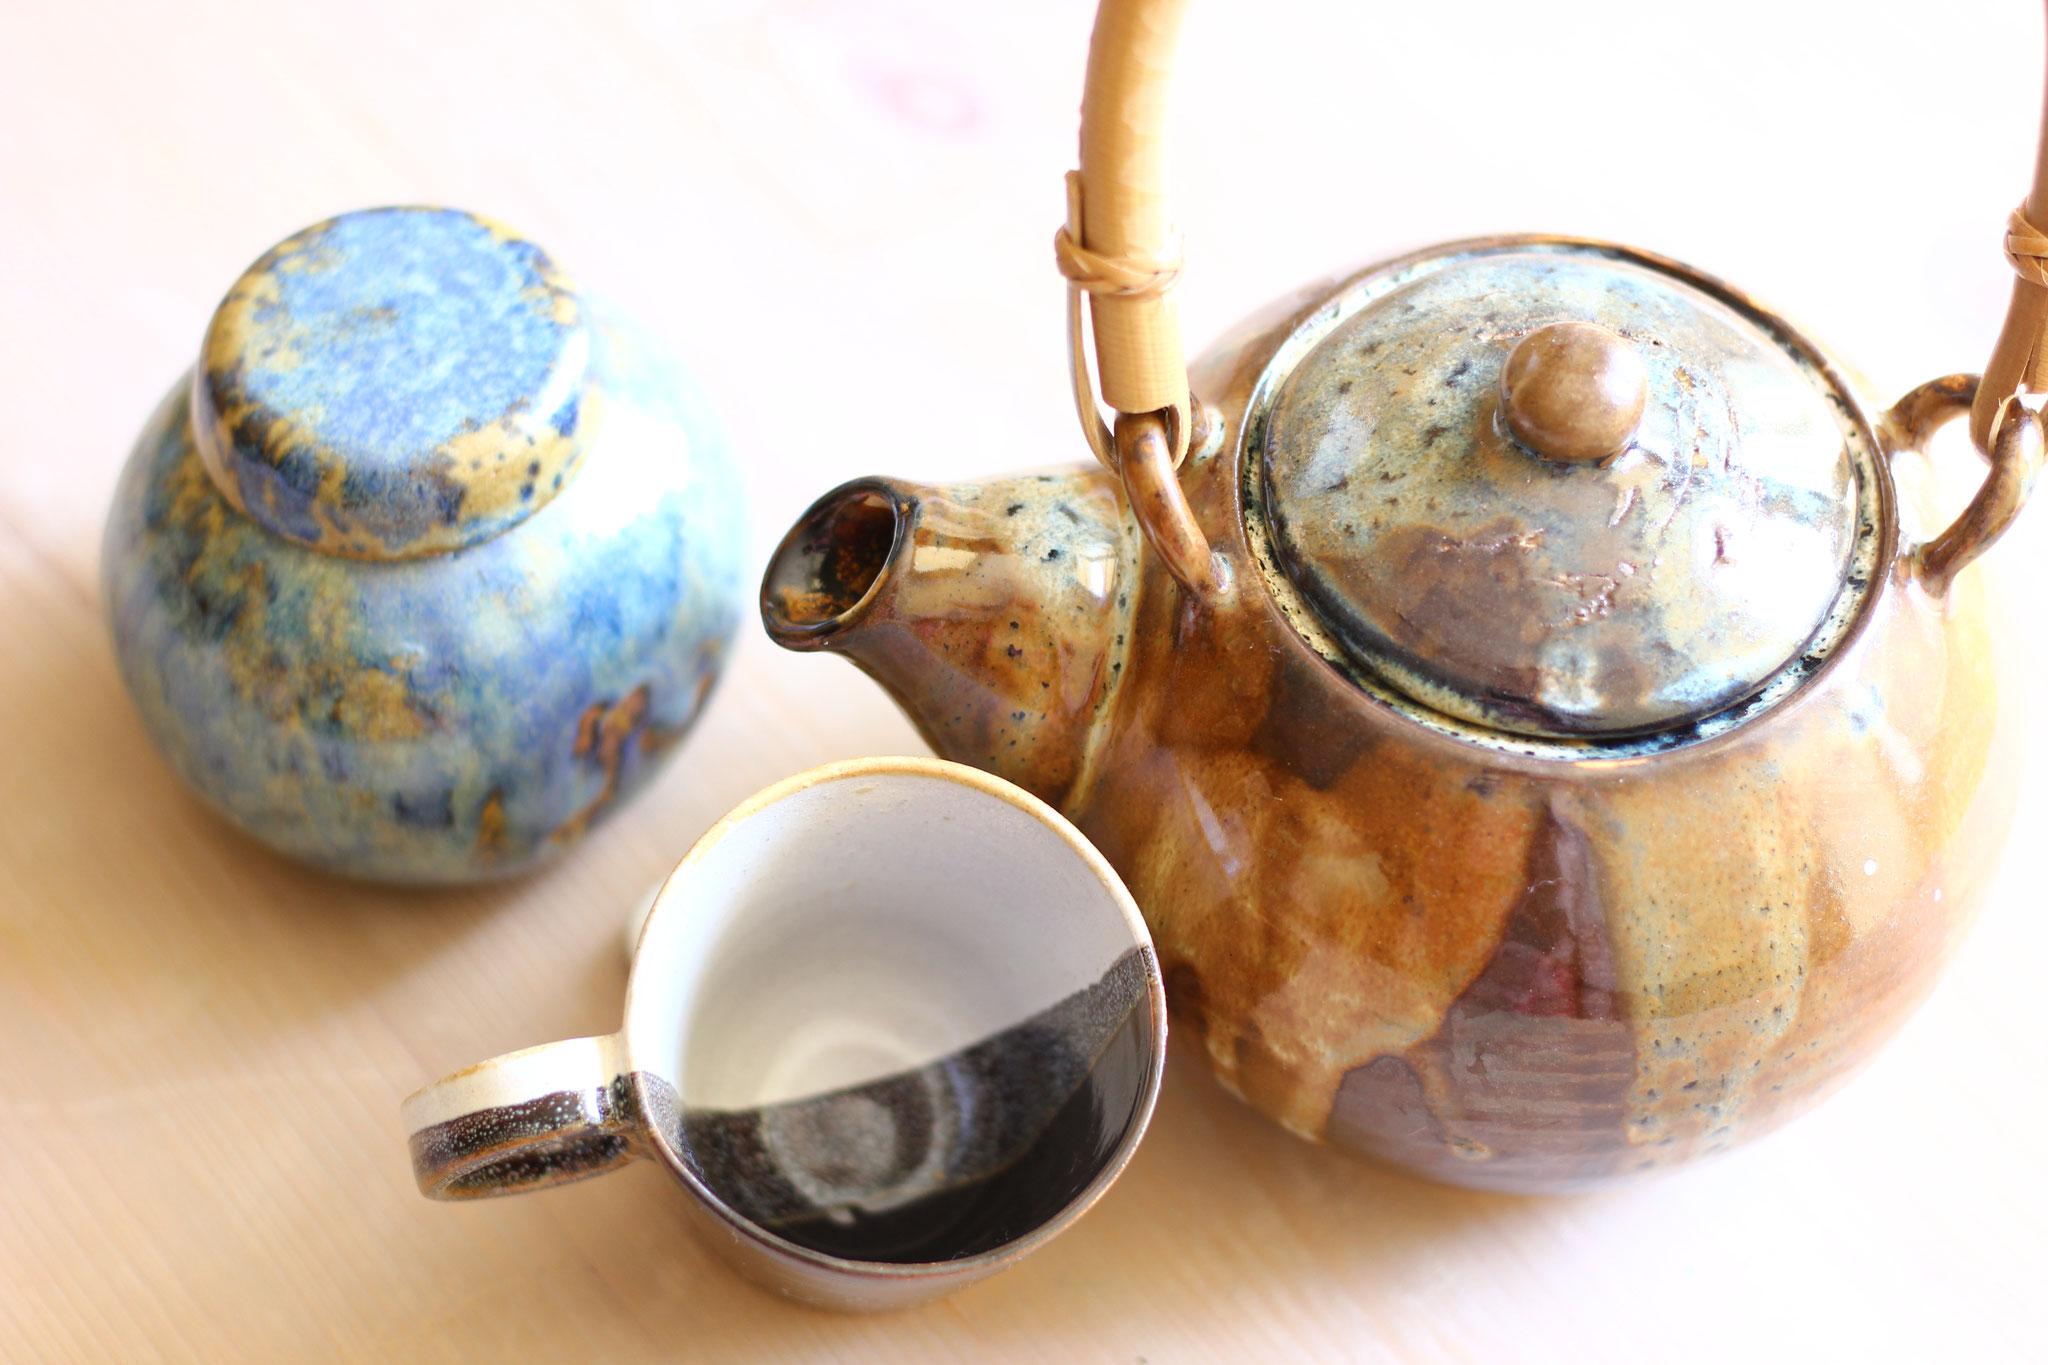 théière et tasse  réalisées et émaillées à l'atelier  terra manusia